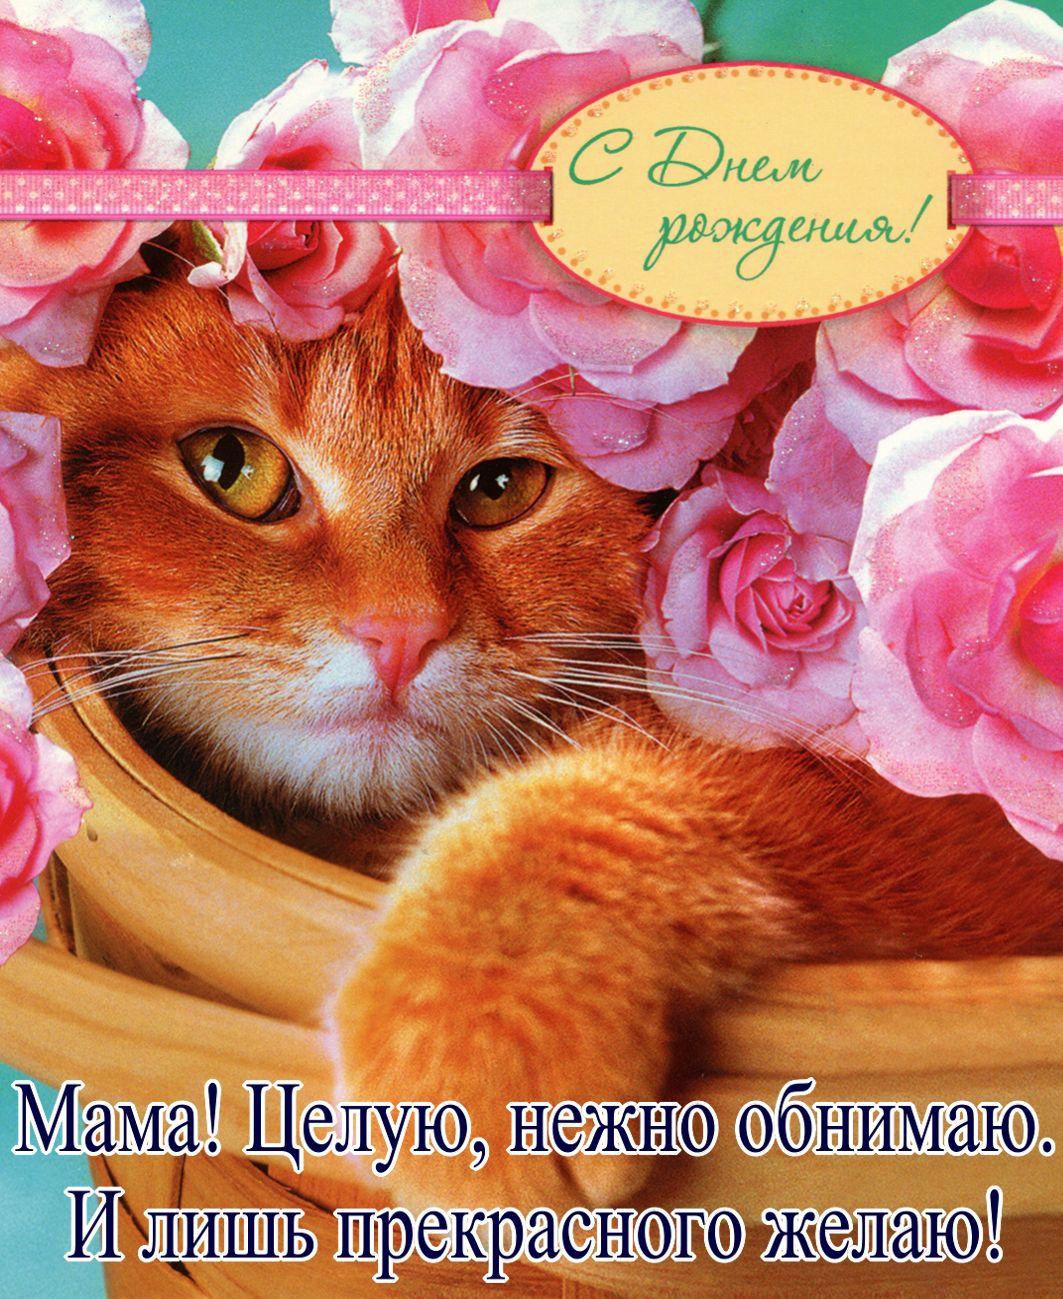 Открытка с Днём рождения маме - рыжий котик в корзине с розами